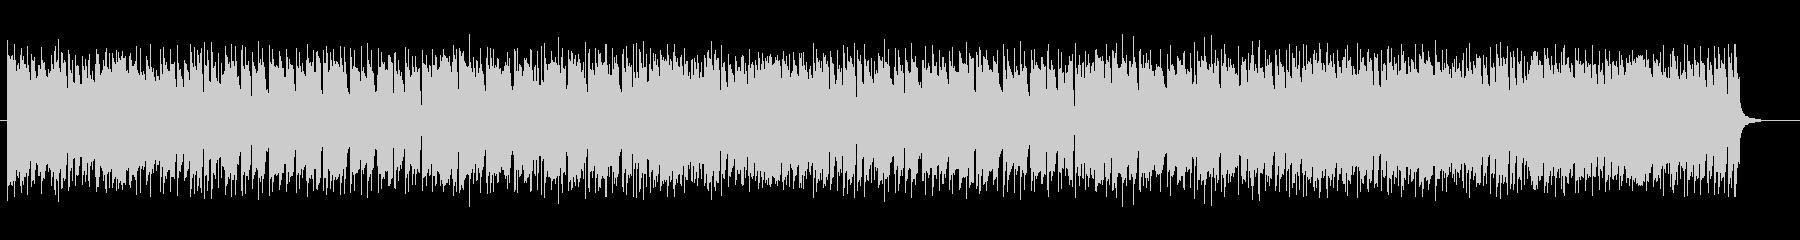 リズミカルなピアノのメロディのポップスの未再生の波形